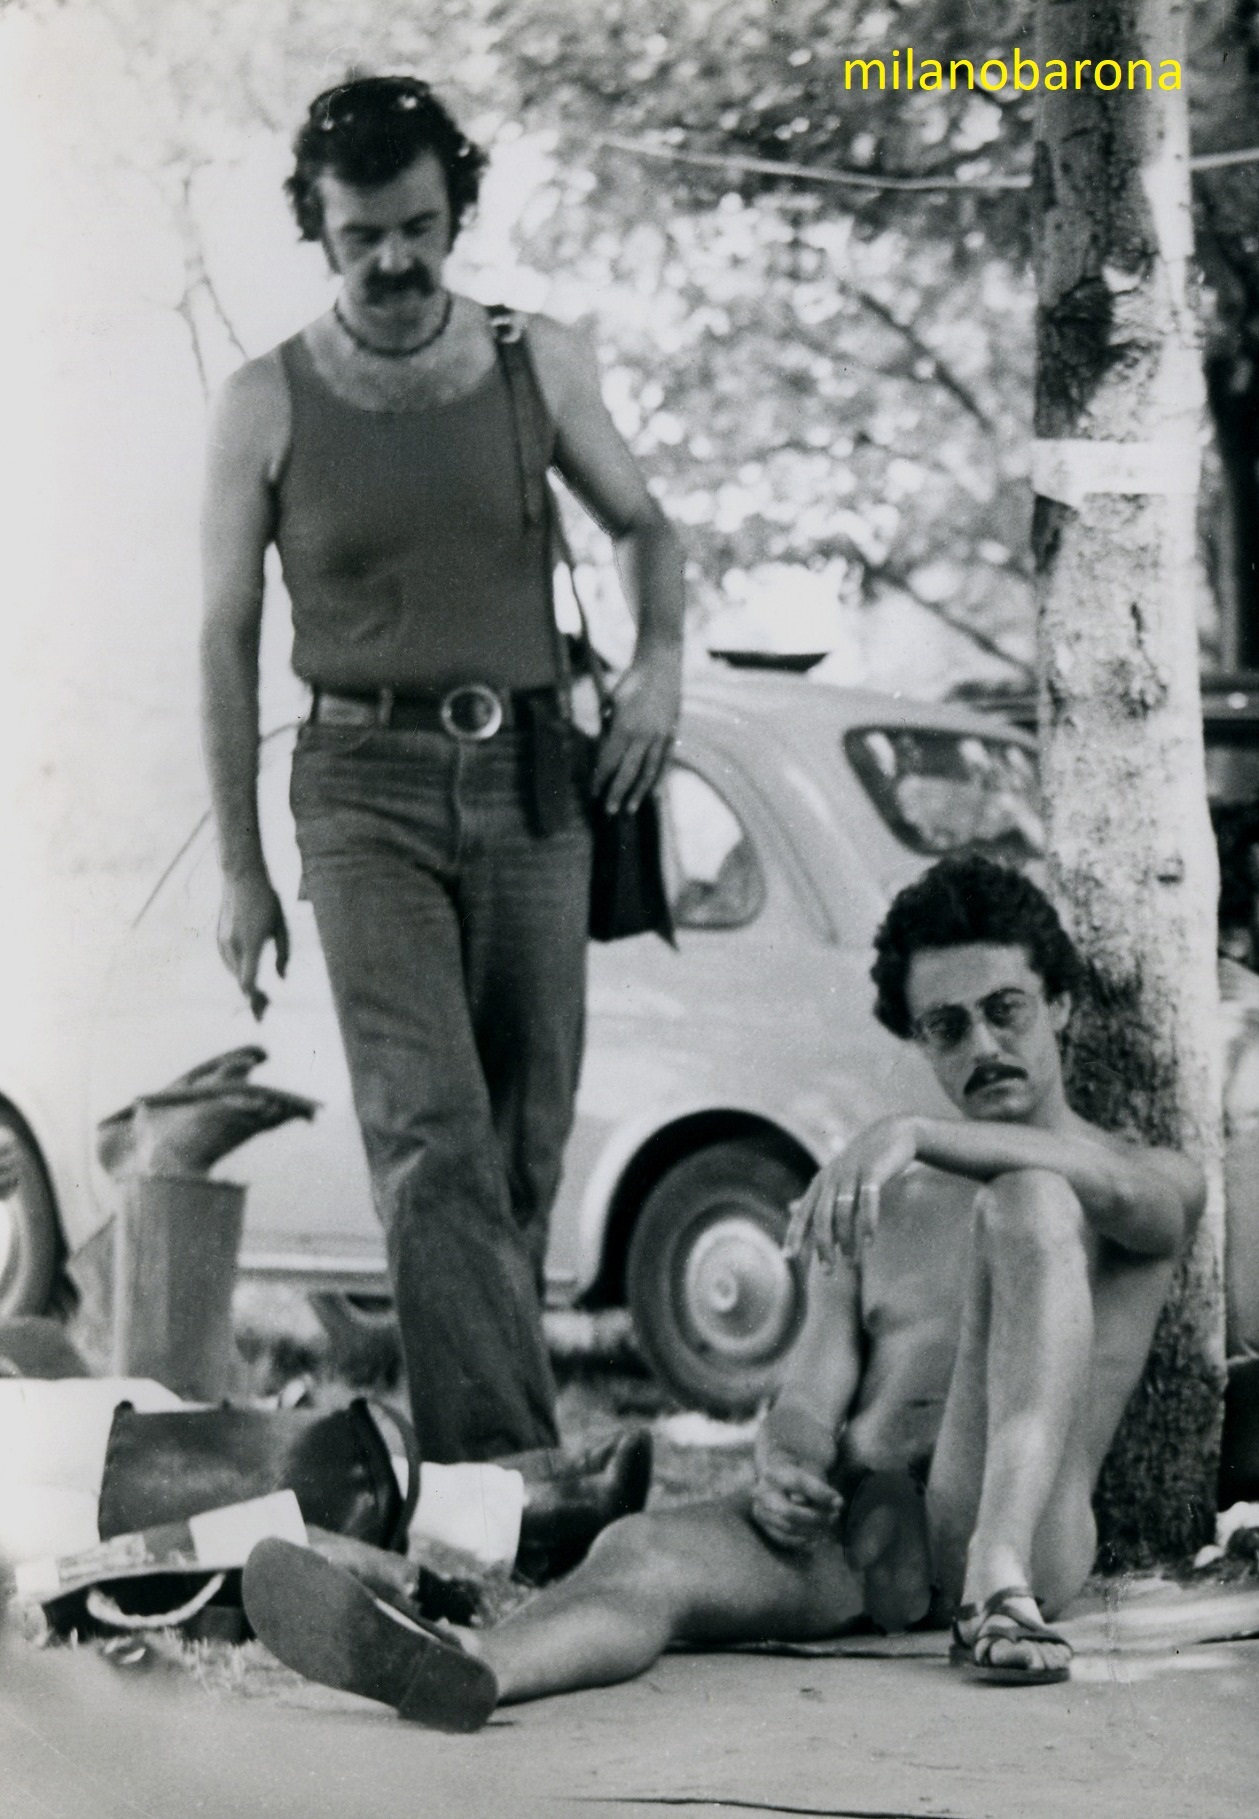 """Milano 1976. Parco Lambro, Festival del Proletariato Giovanile. Borselli maschili a tracolla in pelle e occhiali Ray Ban accompagnavano stili di vita e accessori della vita (più o meno quotidiana) degli anni '70. Per la """"piccolo borghesia"""" anche l'autoradio estraiebile """"Autovox"""" (infilata nei borselli o trasportata a mano) rappresentava lo stile di vita piccolo borghese di quel periodo. Il Festival del Proletariato, organizzato dai vertici milanesi e lombardi del PCI generava malcontento e polemiche tra i militanti più radicali per i contenuti commerciali e """"consumistici"""" impresso dalla Classe Dirigiente di un Partito Parlamentare che non seppe rappresentare e gestire il disagio giovanile."""